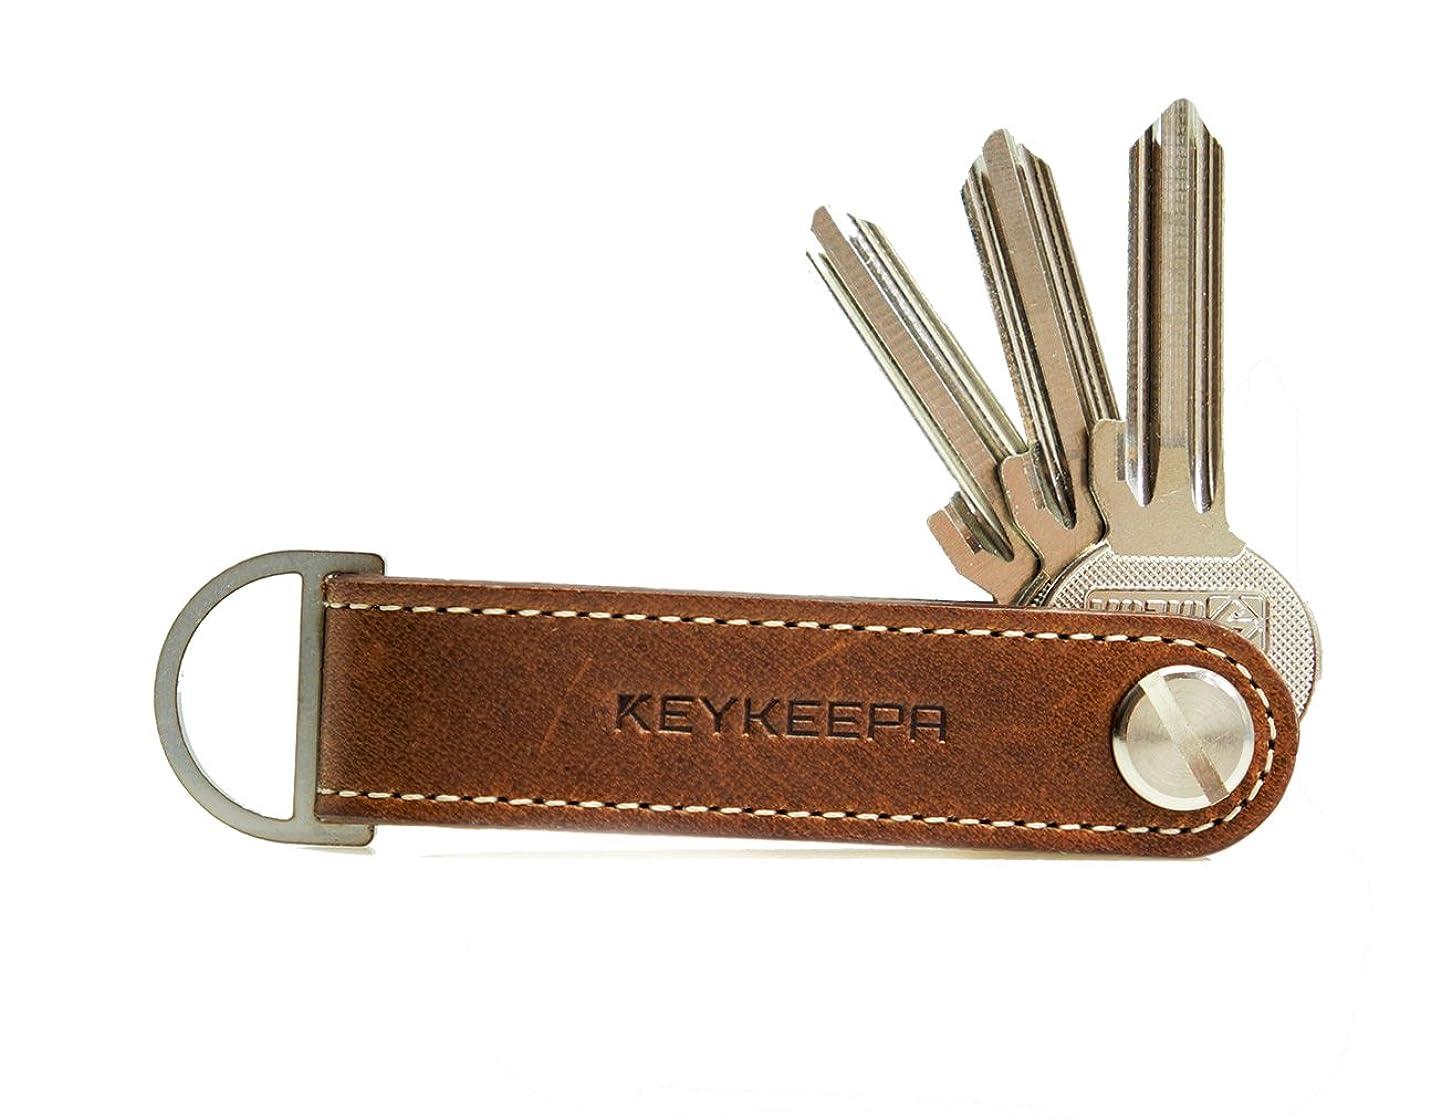 余裕があるウィザード調査[KEYKEEPA] Loop キーケース キーオーガナイザー キーホルダー 1~7個のカギまで対応 ドイツ製 ハンドメイド 本革 レザー 仕様 ループタイプ